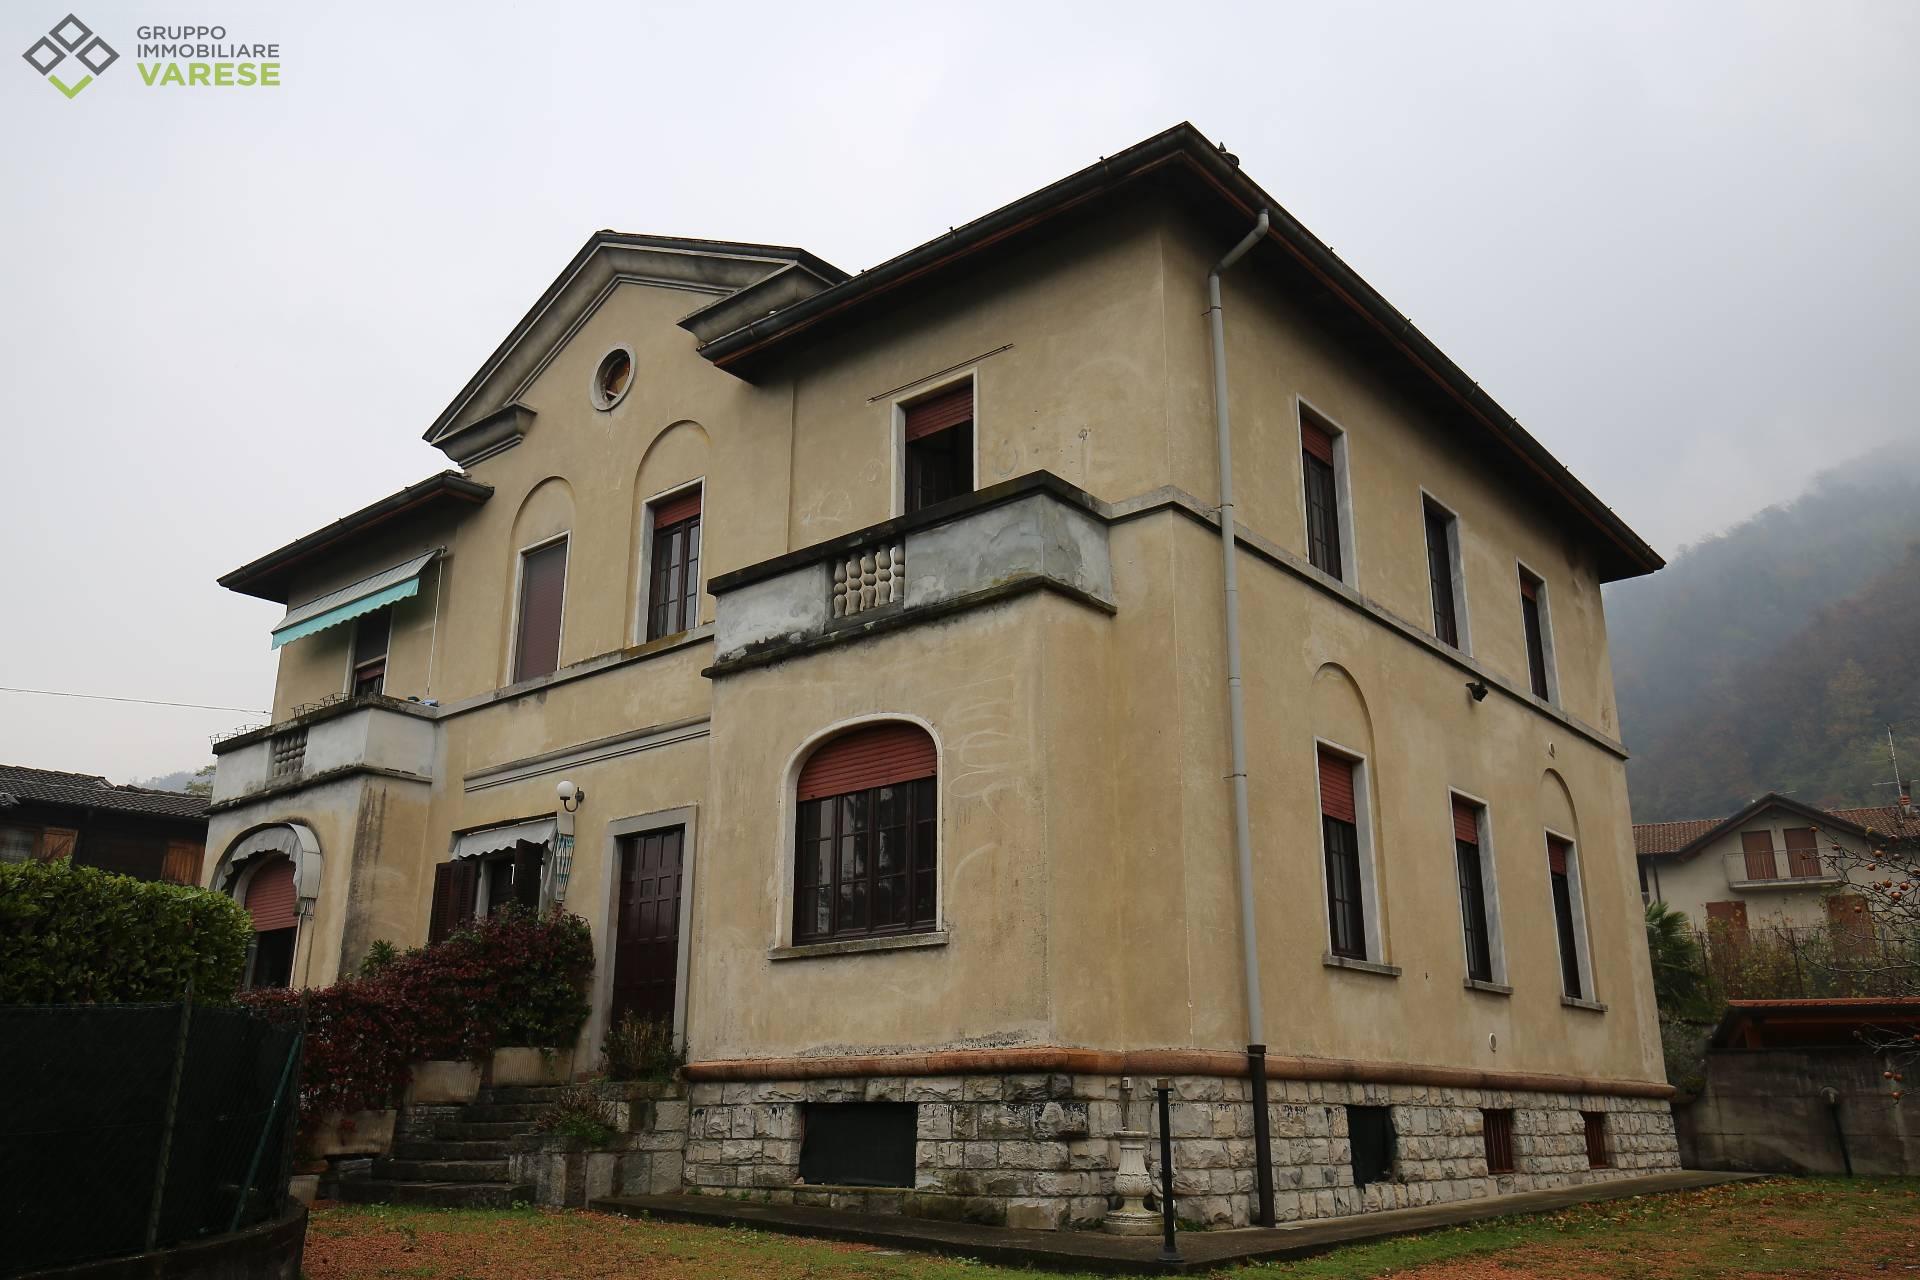 Appartamento in vendita a Porto Ceresio, 3 locali, prezzo € 200.000 | CambioCasa.it